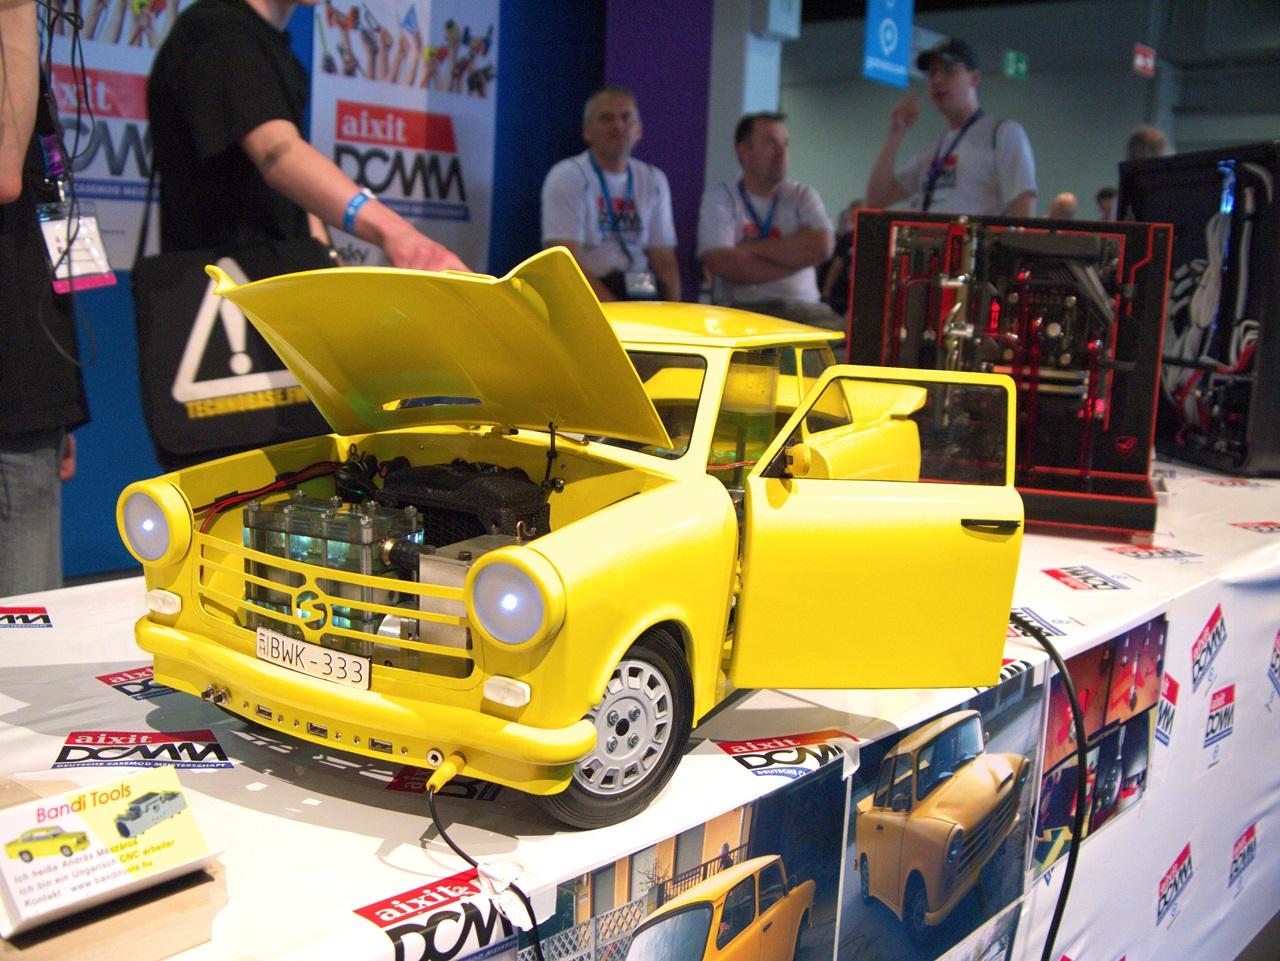 """DCMM 2014: Wenn PC-Gehäuse zu Kunstwerken werden - """"Mein Auto"""" von Andras Meszaro (Bild: Sebastian Wochnik/Golem.de)"""